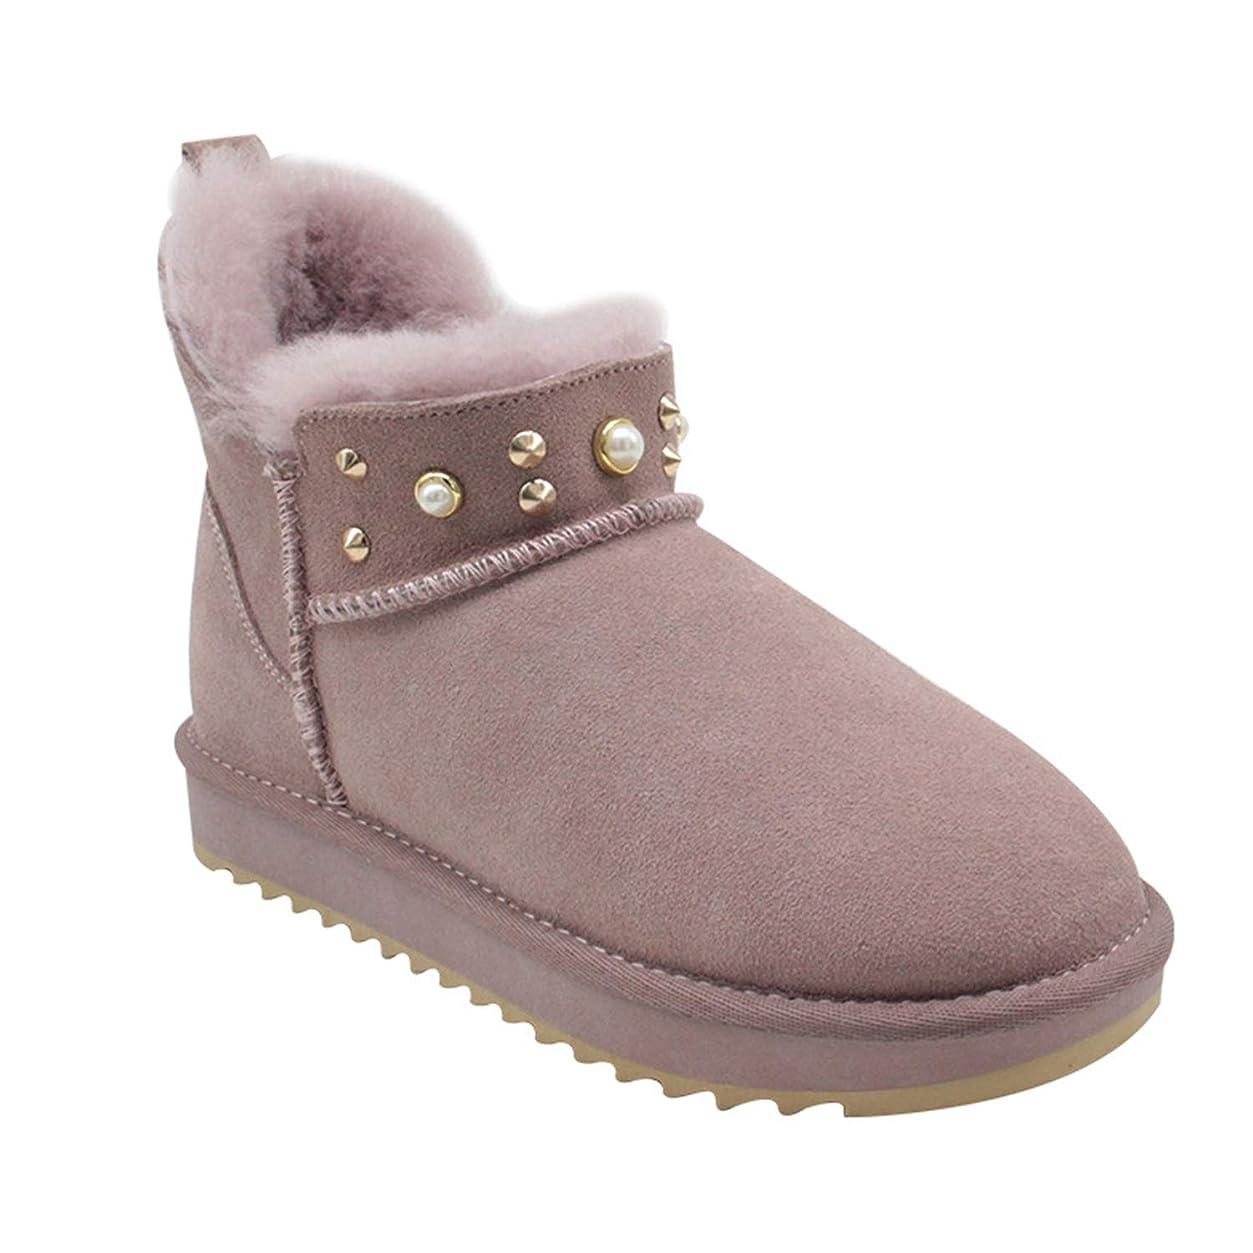 骨折信仰病気だと思う女性の冬の雪のブーツシンプルなファッションショートブロックアンチスリップのブーティー女性の女性のための理想的な室内の屋外活動の摩耗、女性の贈り物